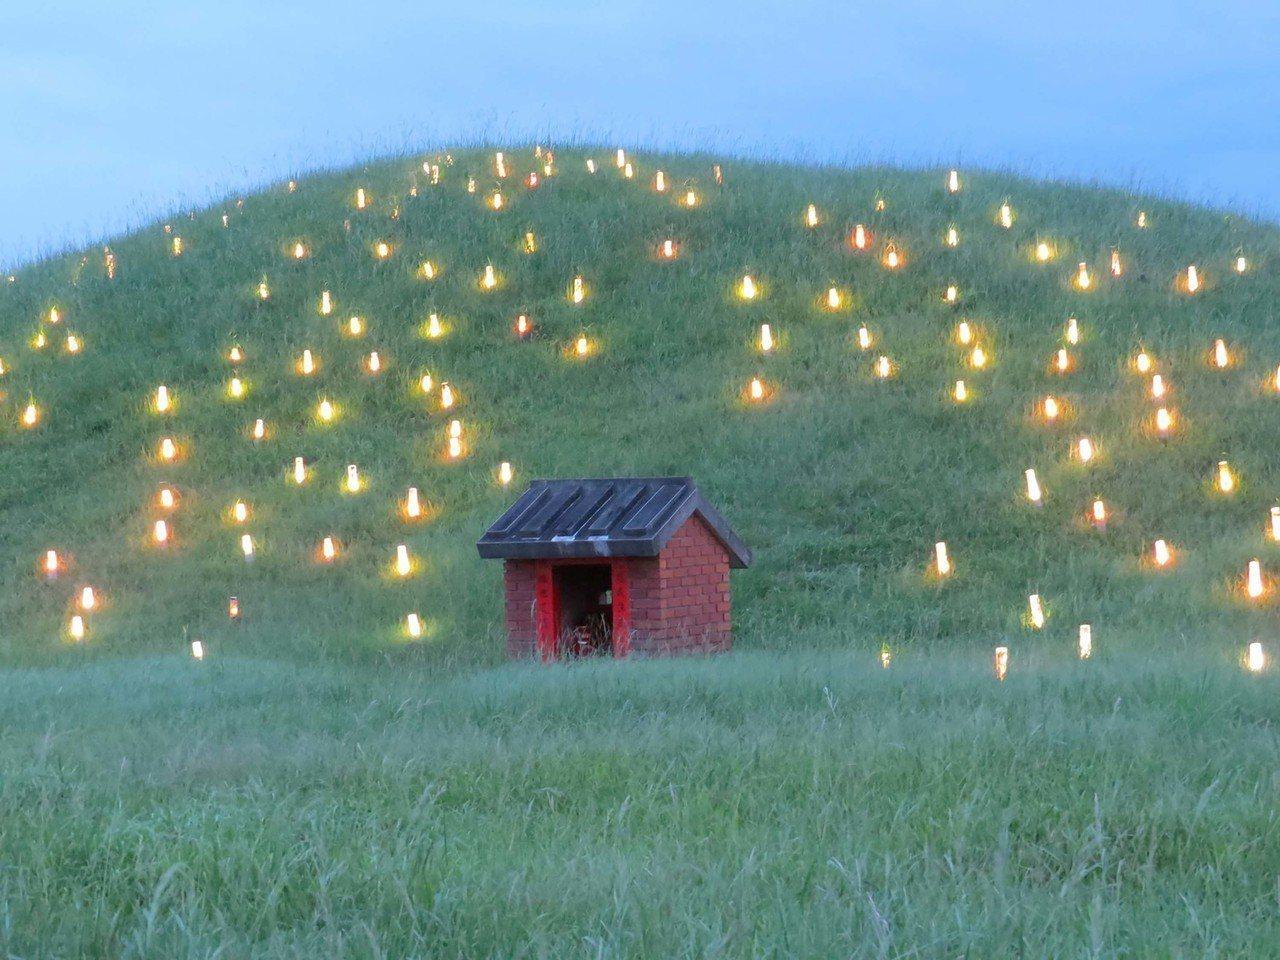 國立傳統藝術中心宜蘭傳藝園區今年2月起,在入口處旁的小山丘設有竹燈裝置藝術。有網...